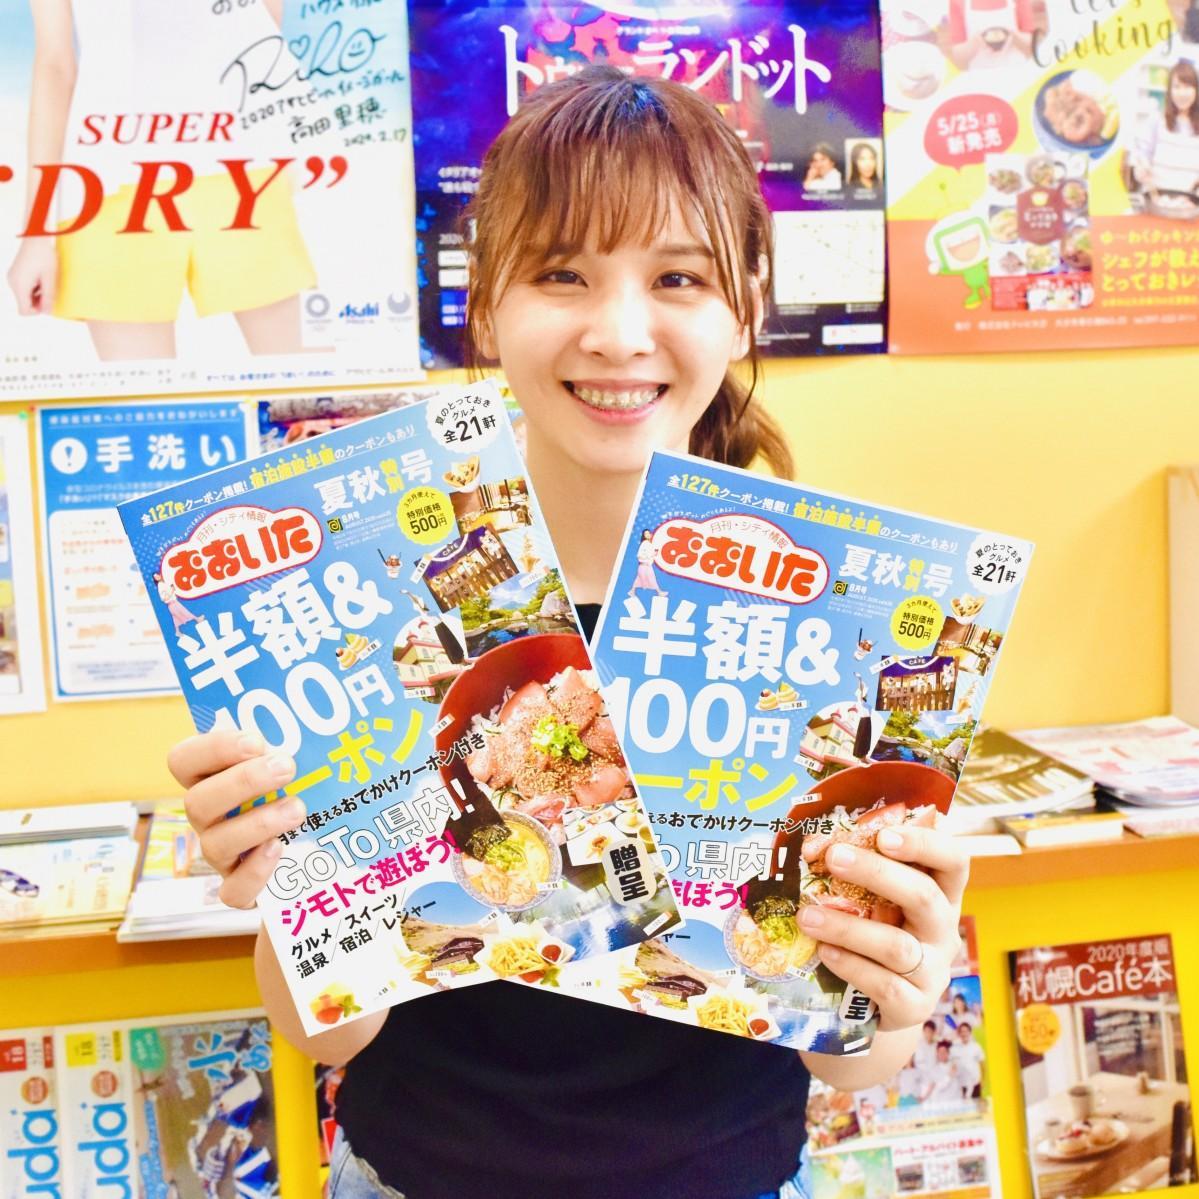 「半額&100円クーポン」を掲載した「月刊シティ情報おおいた」